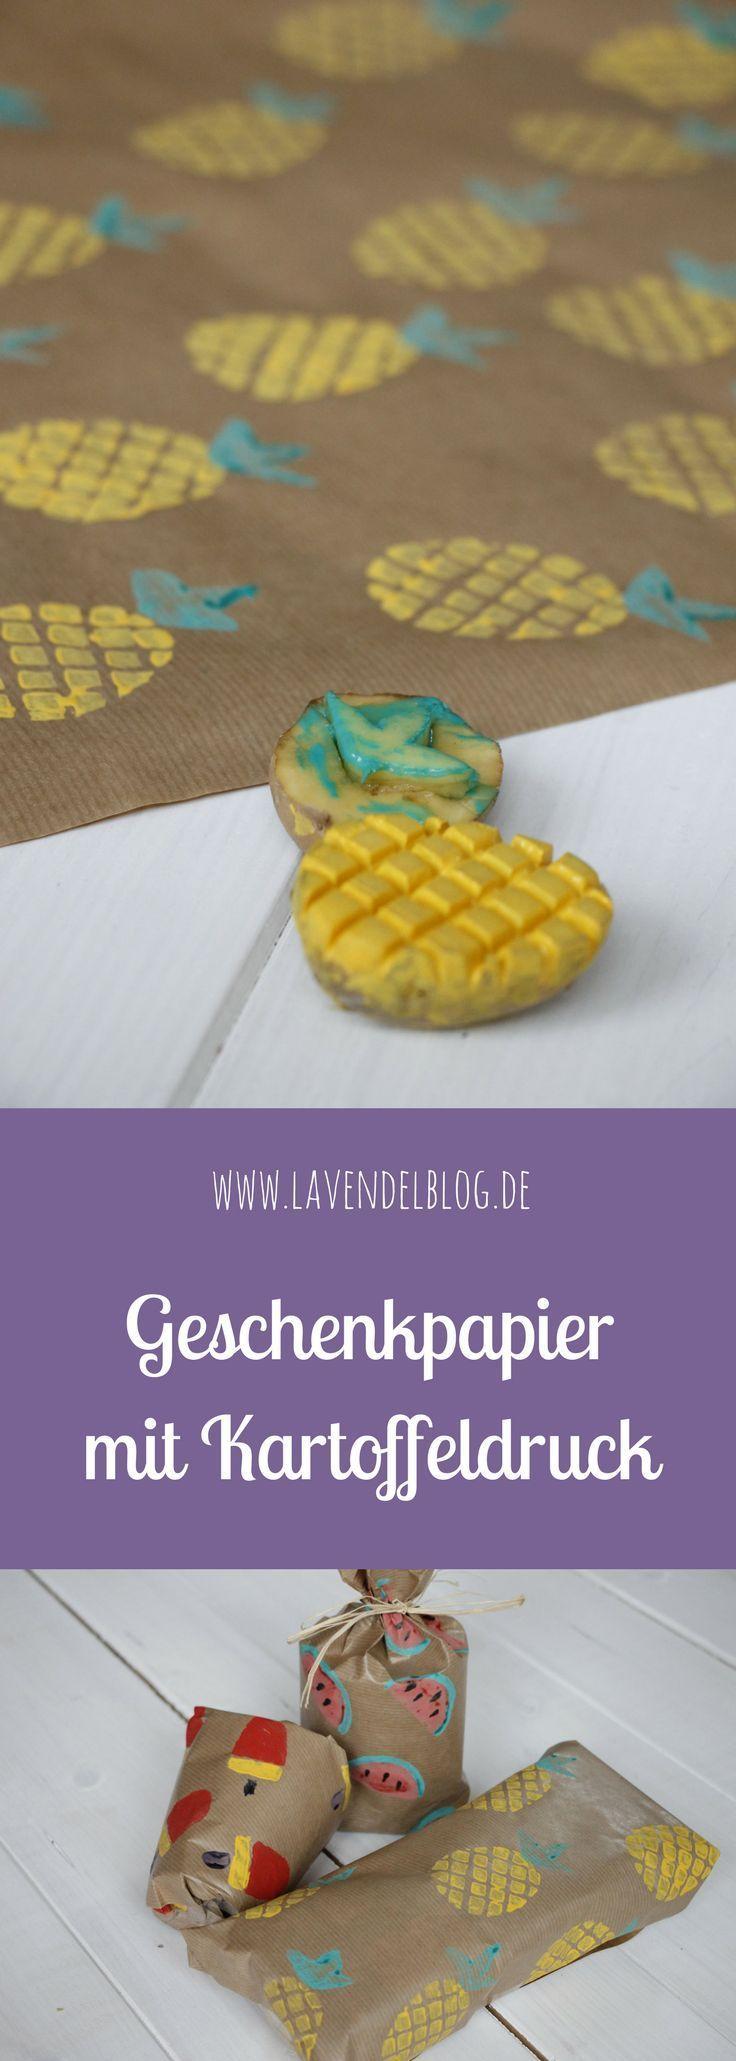 DIY-Idee: Geschenkpapier mit Kartoffeldruck selbermachen